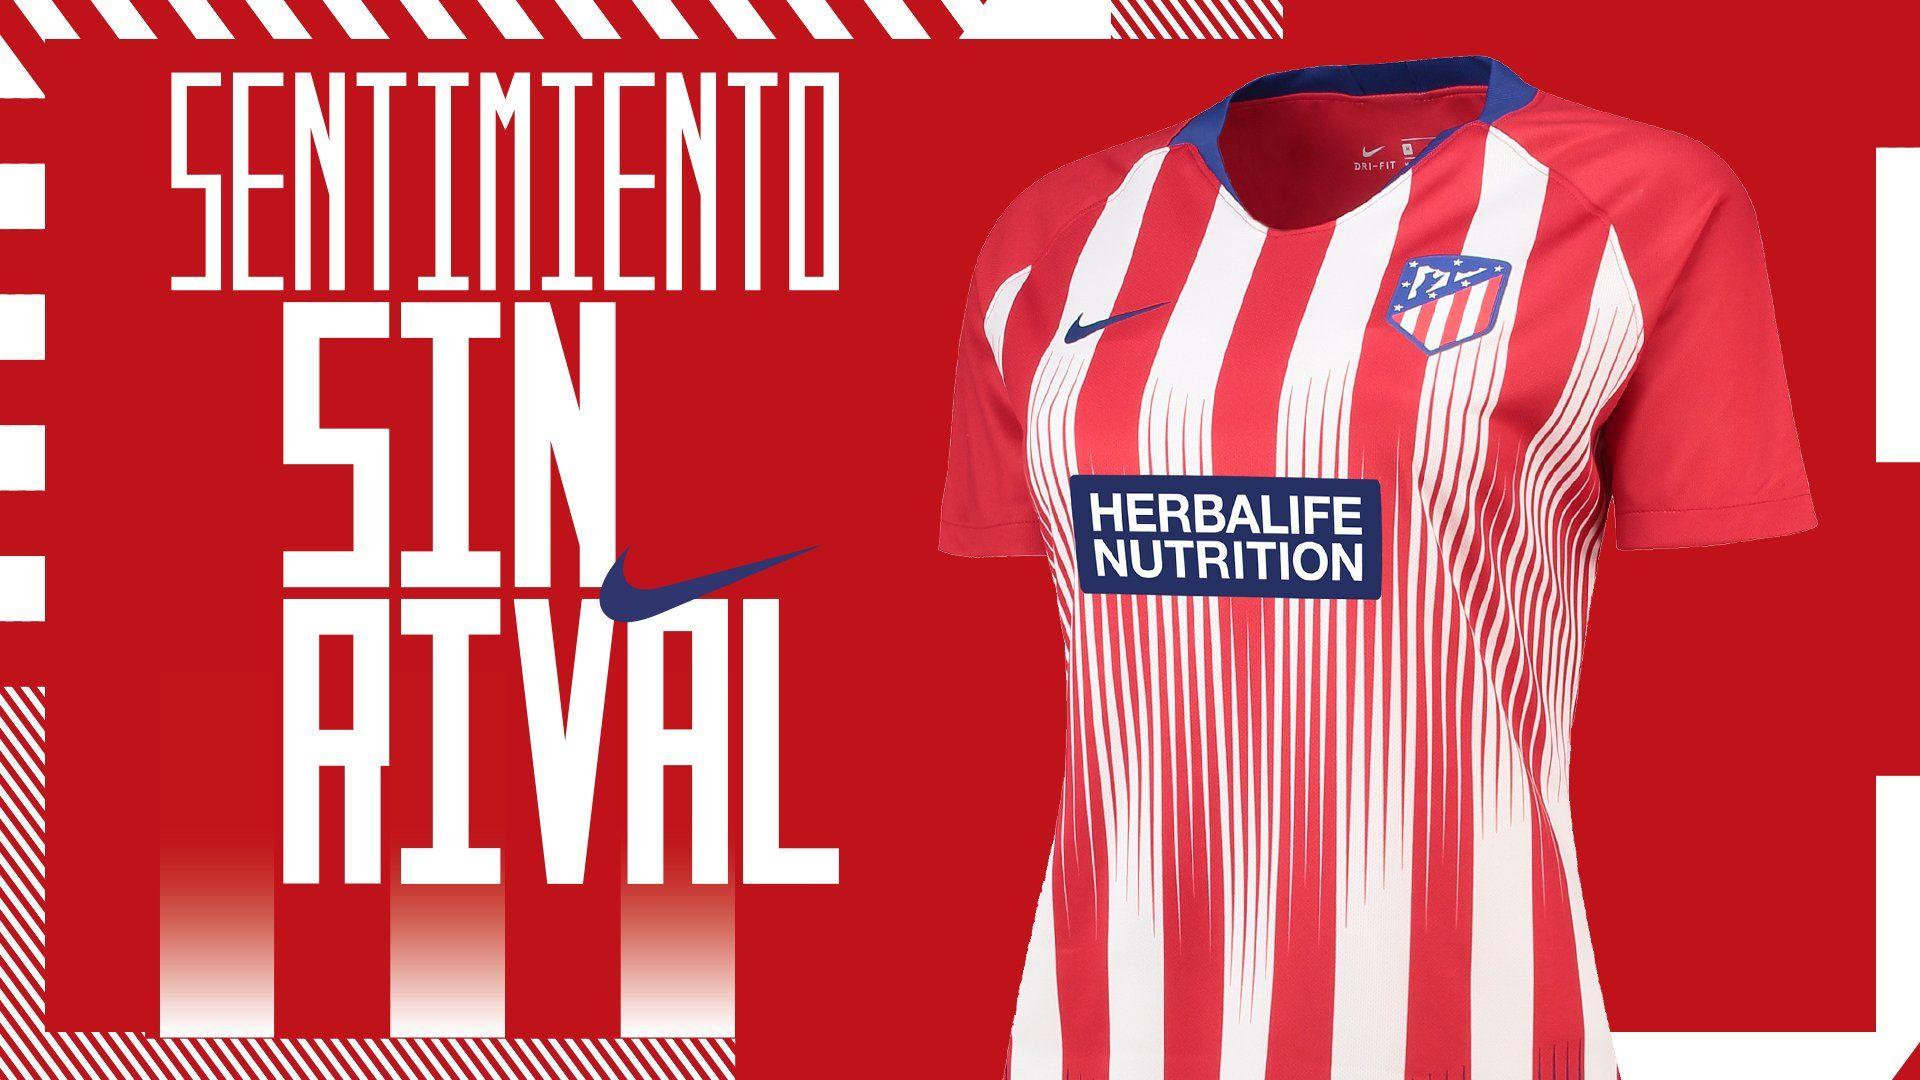 https://www.grada3.com/wp-content/uploads/2018/06/camiseta-proxima-temporada.jpg